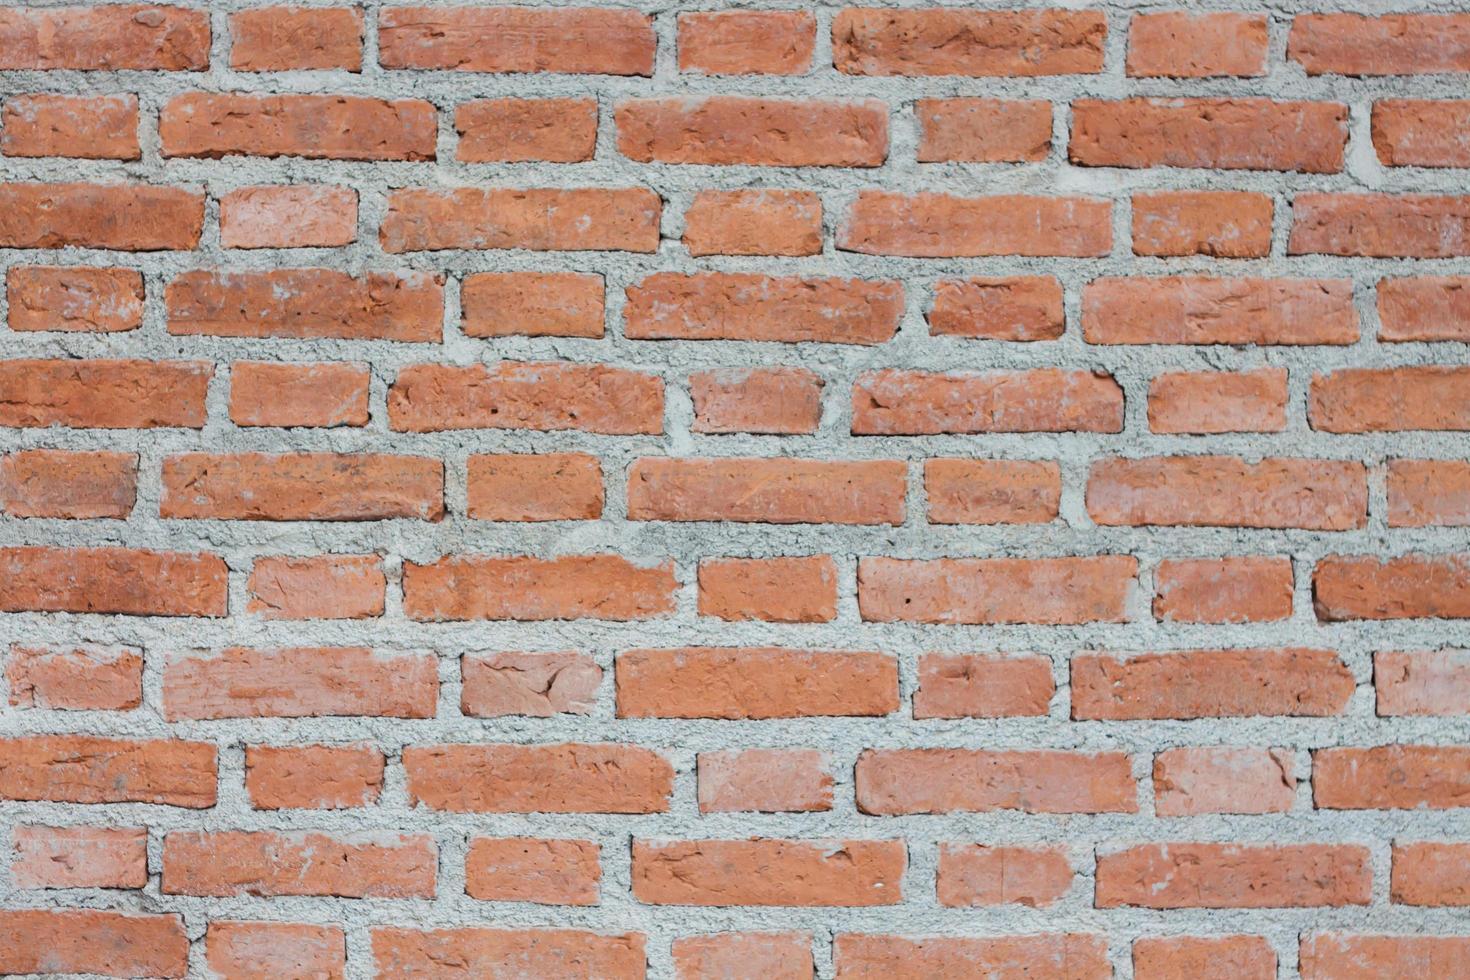 alte Vintage Backsteinmauer foto